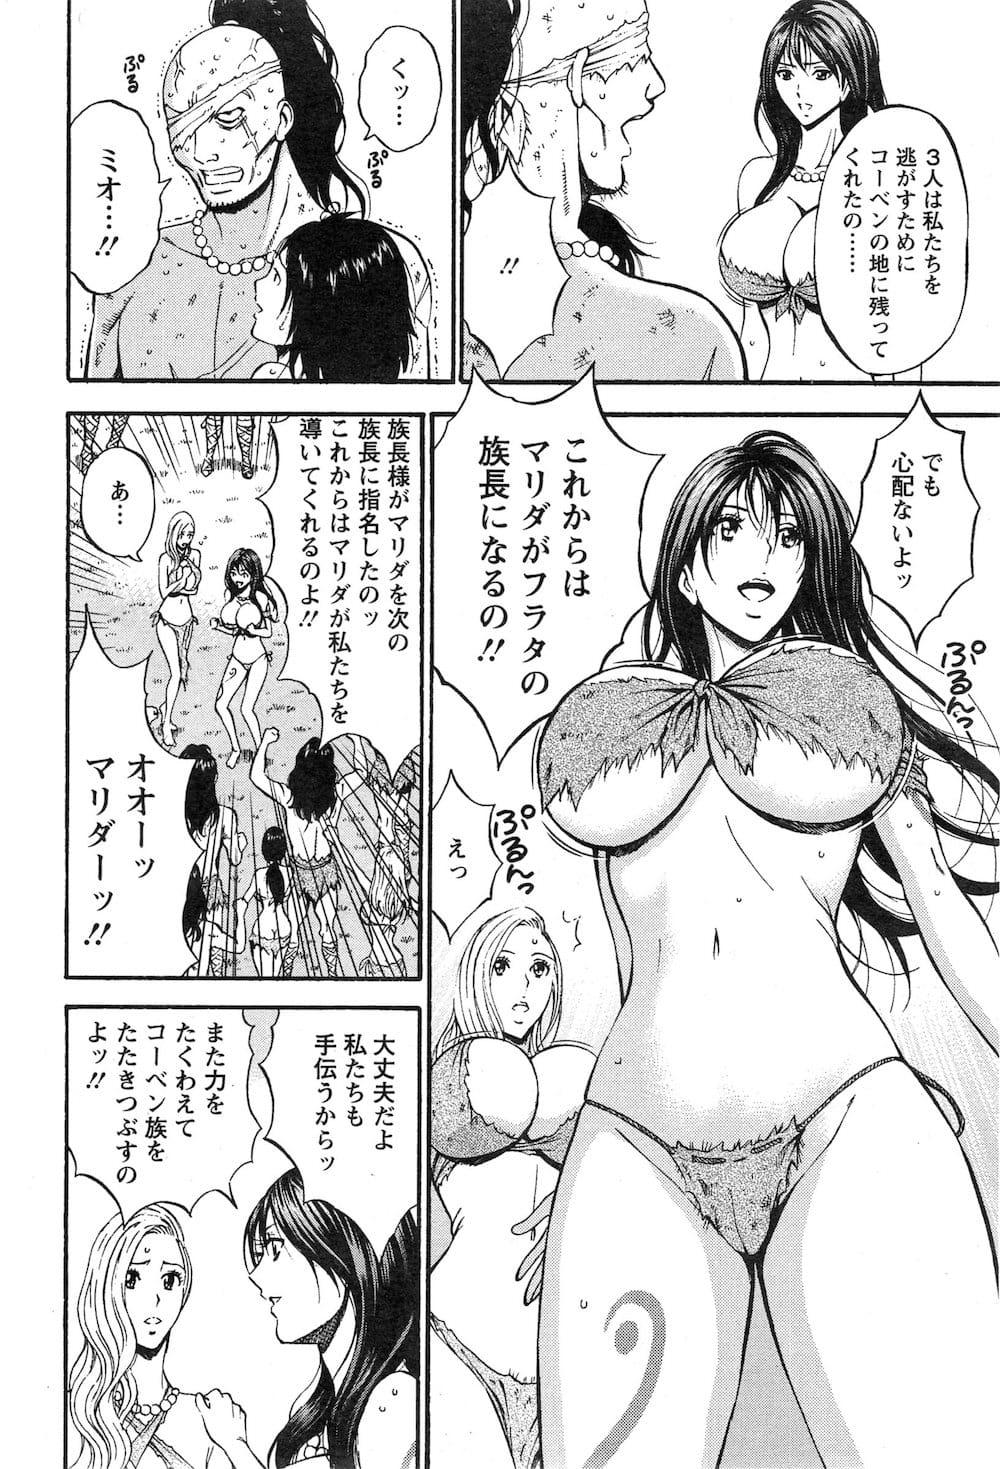 【長編エロ漫画・第16話】敵部族から二人の女性を助け出し帰還したオタ!地球上初めてのフェラチオと69!儀式と思った女性たちはオタに群がり乱交SEX!【ながしま超助】